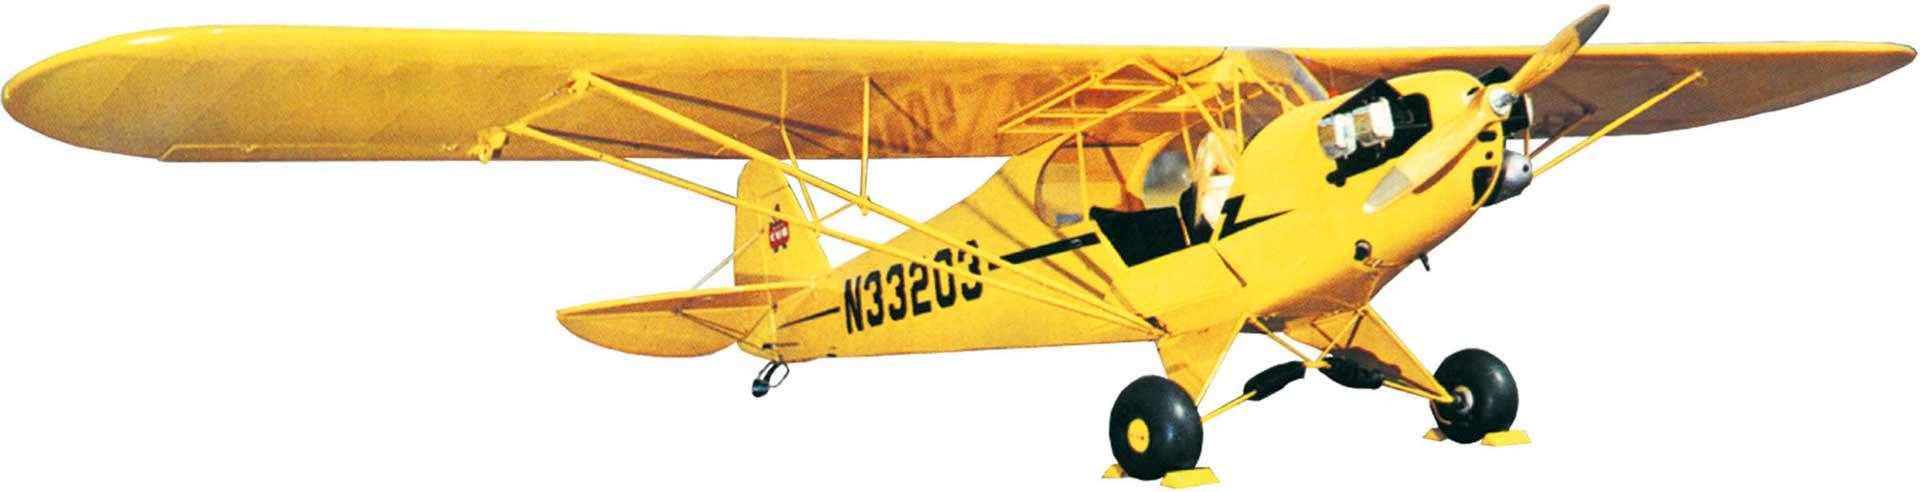 SIG PIPER CUB J-3 1,81M HOLZBAUSATZ